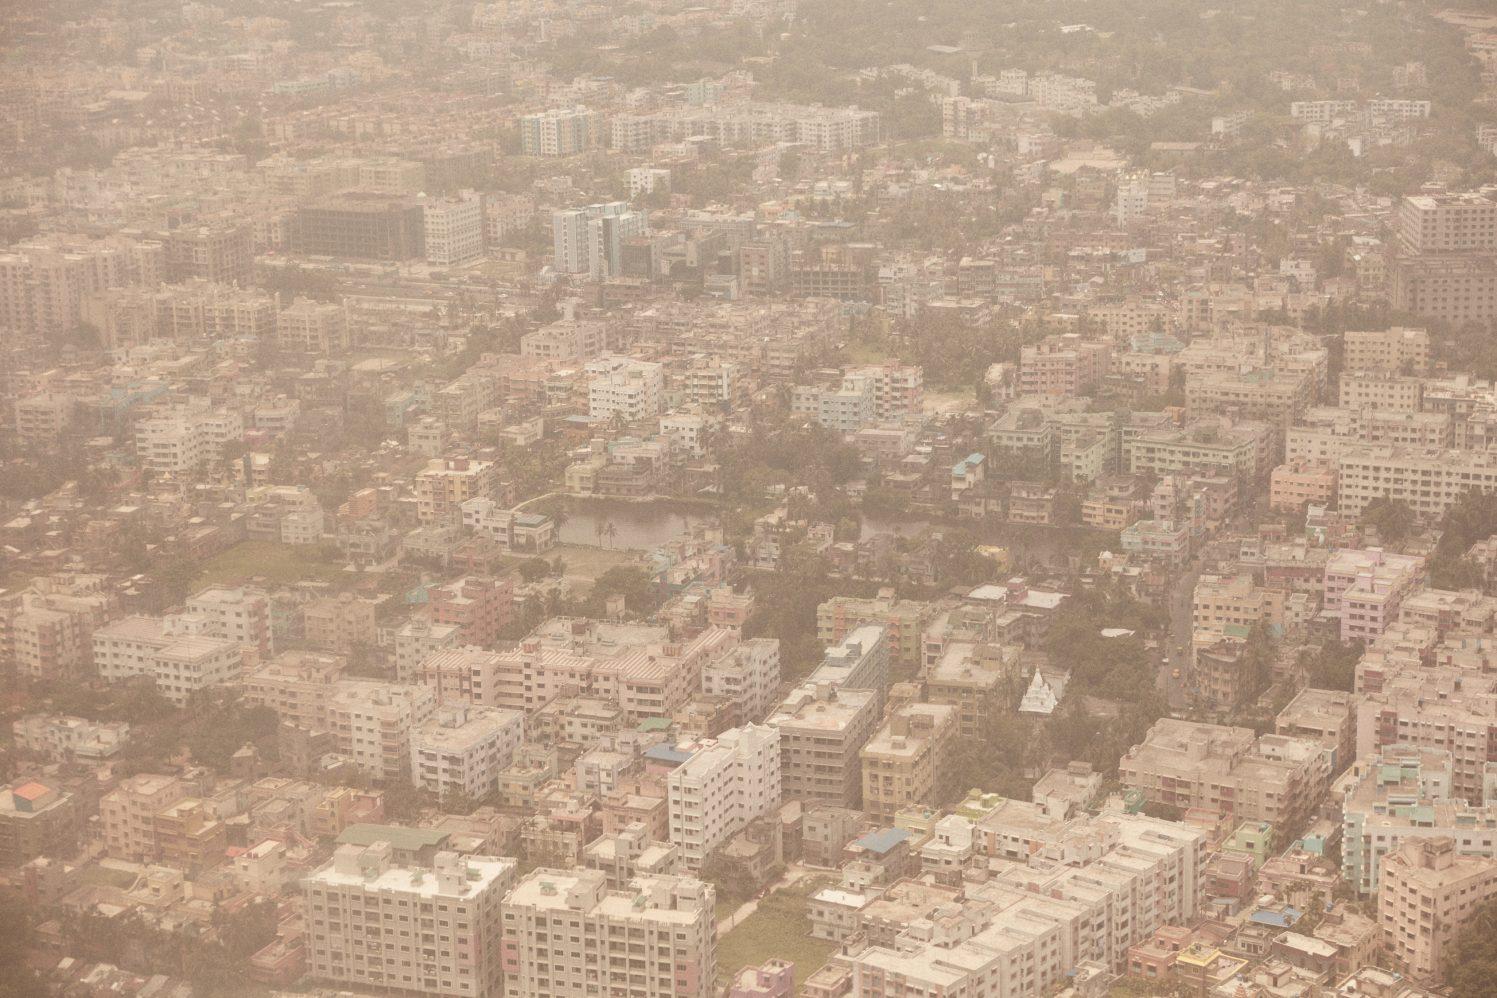 01052018_T+L_INDIA_2400